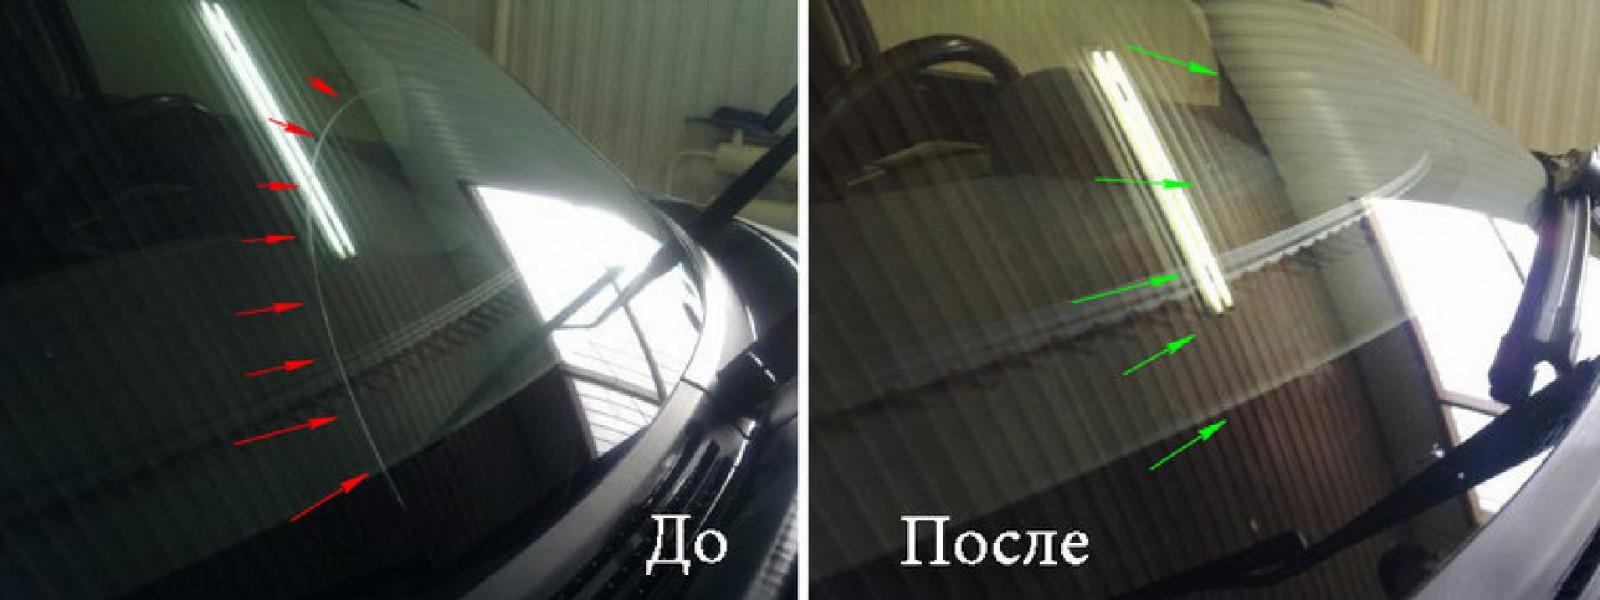 Полировка лобового стекла до и после